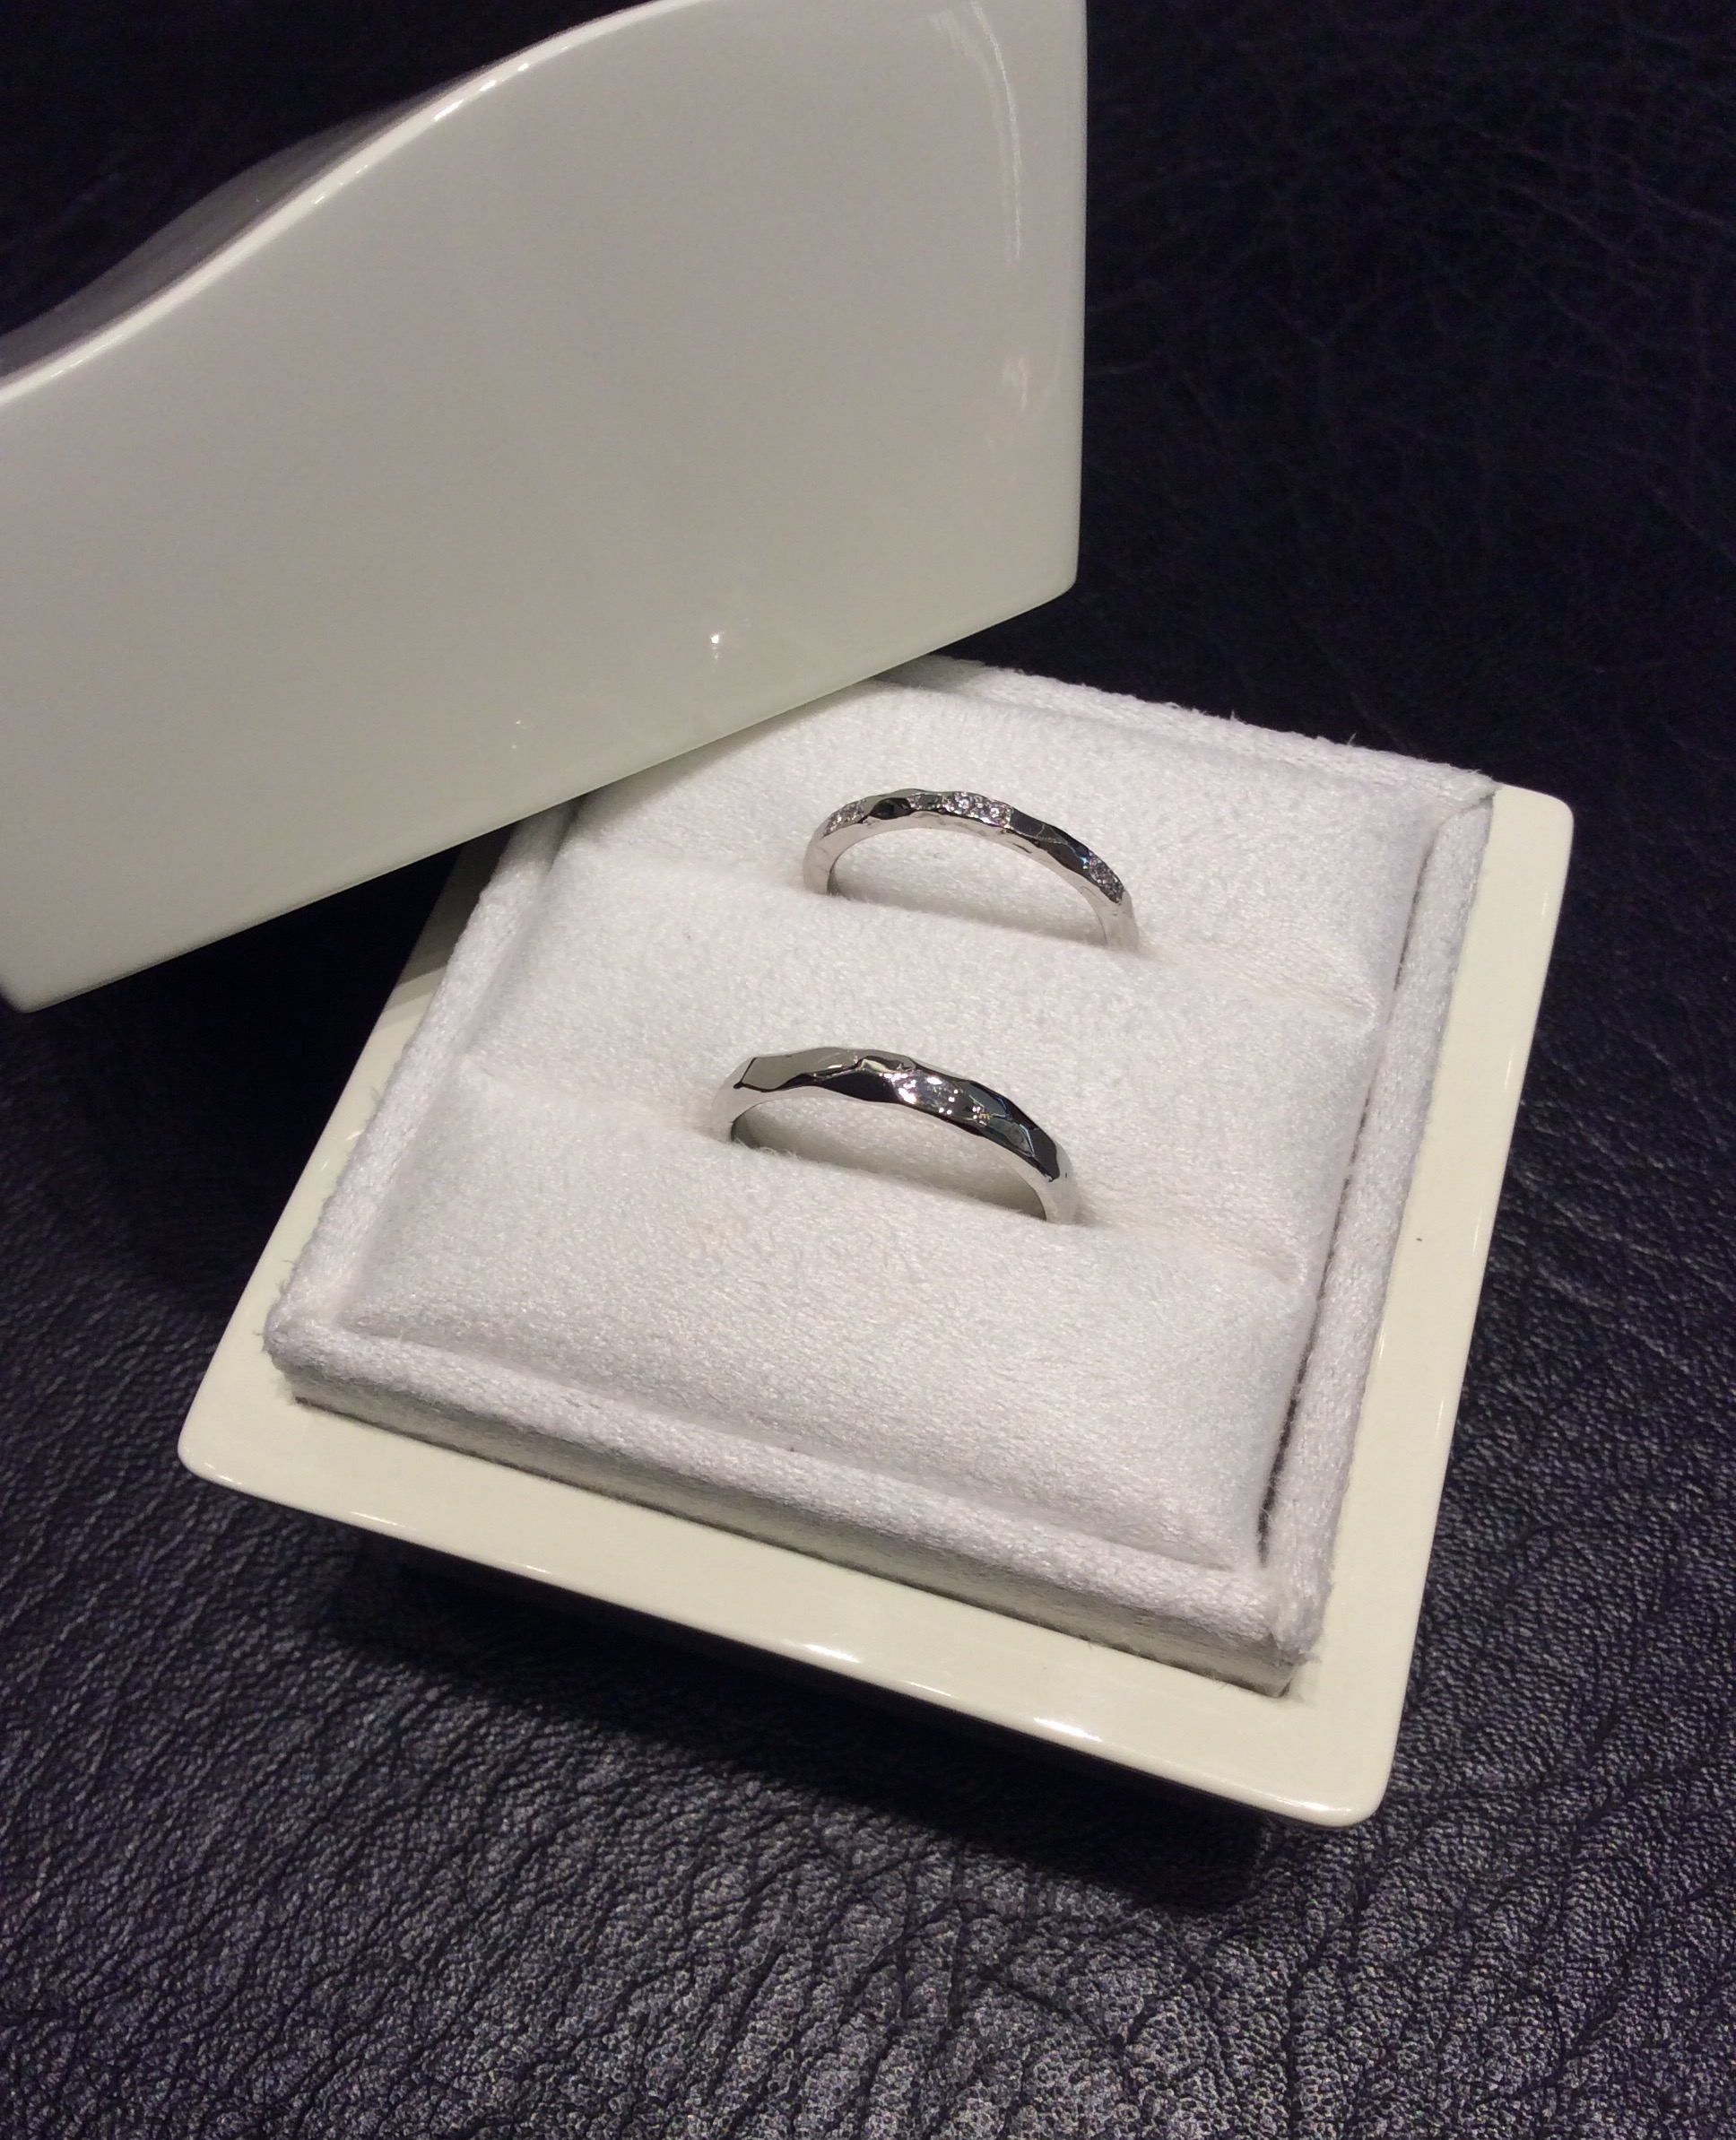 仕上がりの可愛さに思わずニッコリ♡LUCIE(ルシエ)の結婚指輪ブランシュ